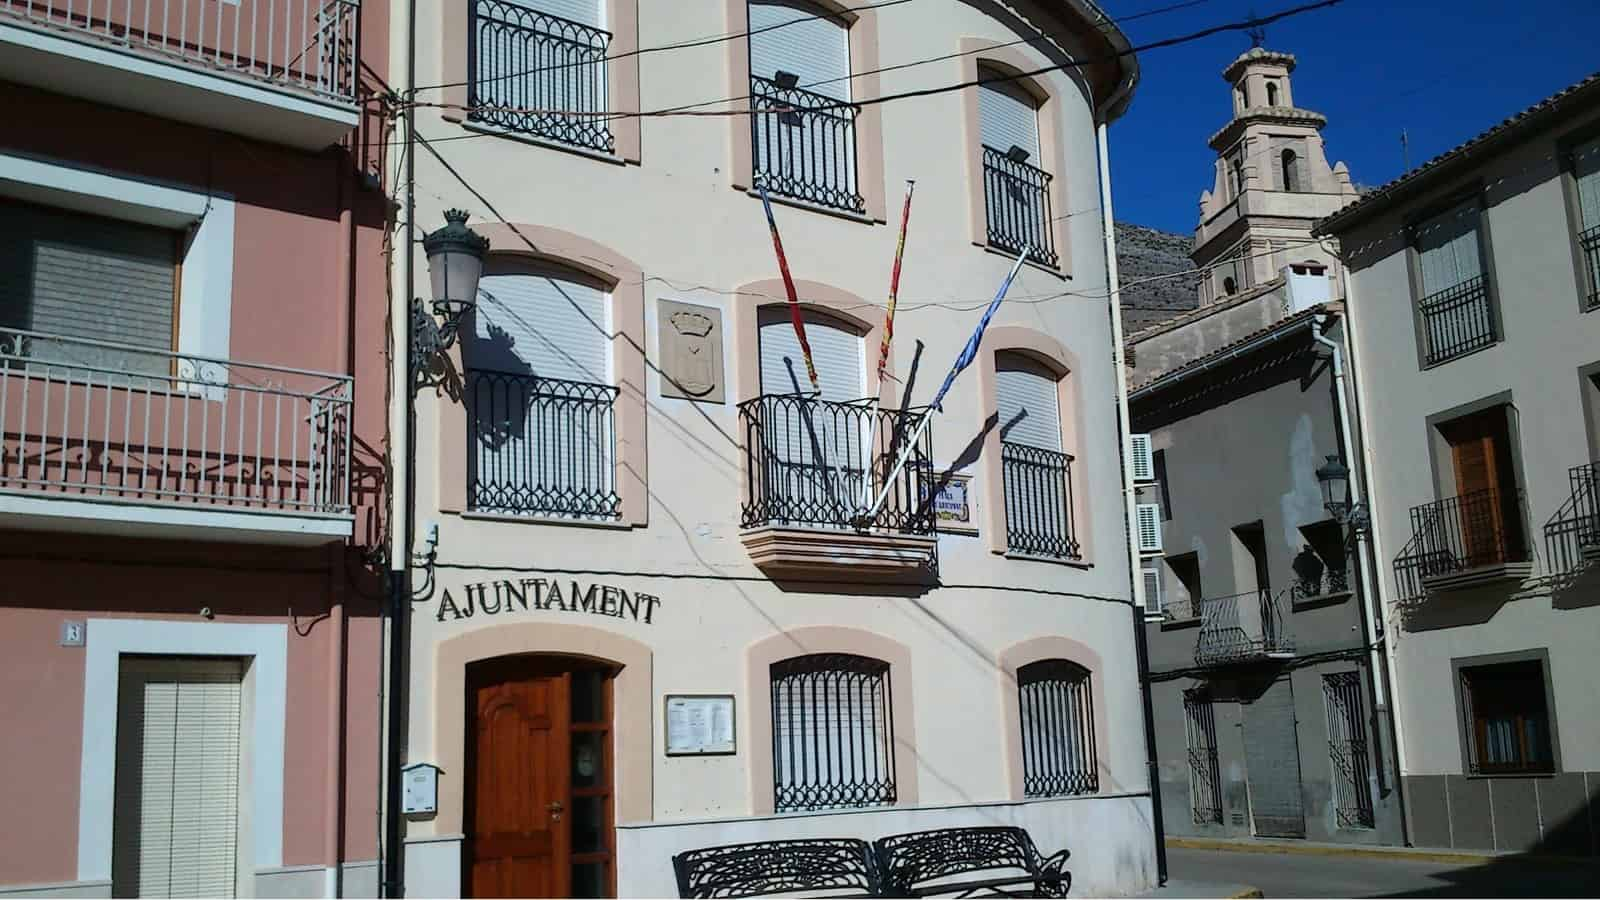 1430860868_Ajuntament de Benigembla. Gener 2013